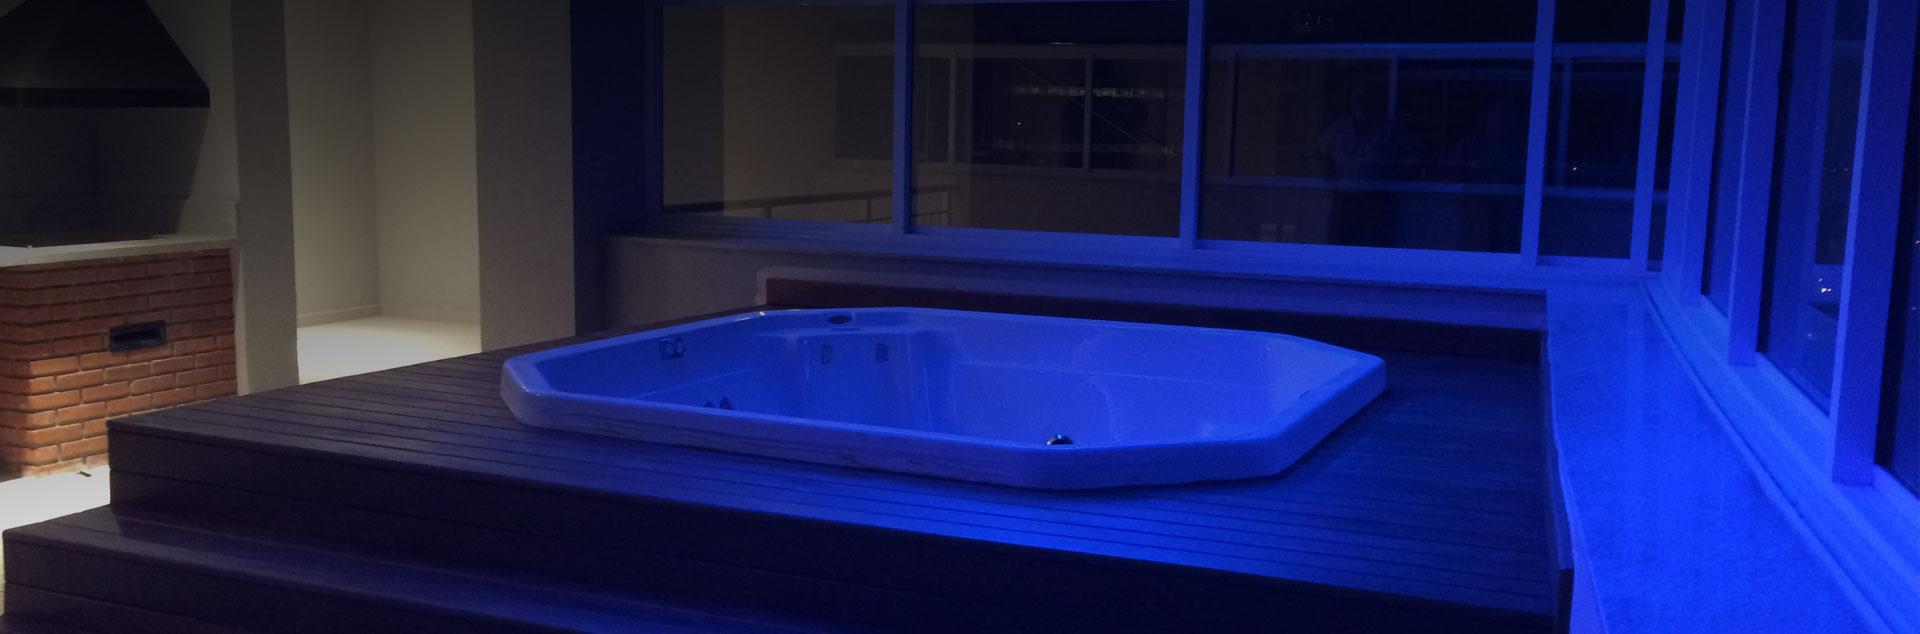 Instalação de Banheiras Personalizada